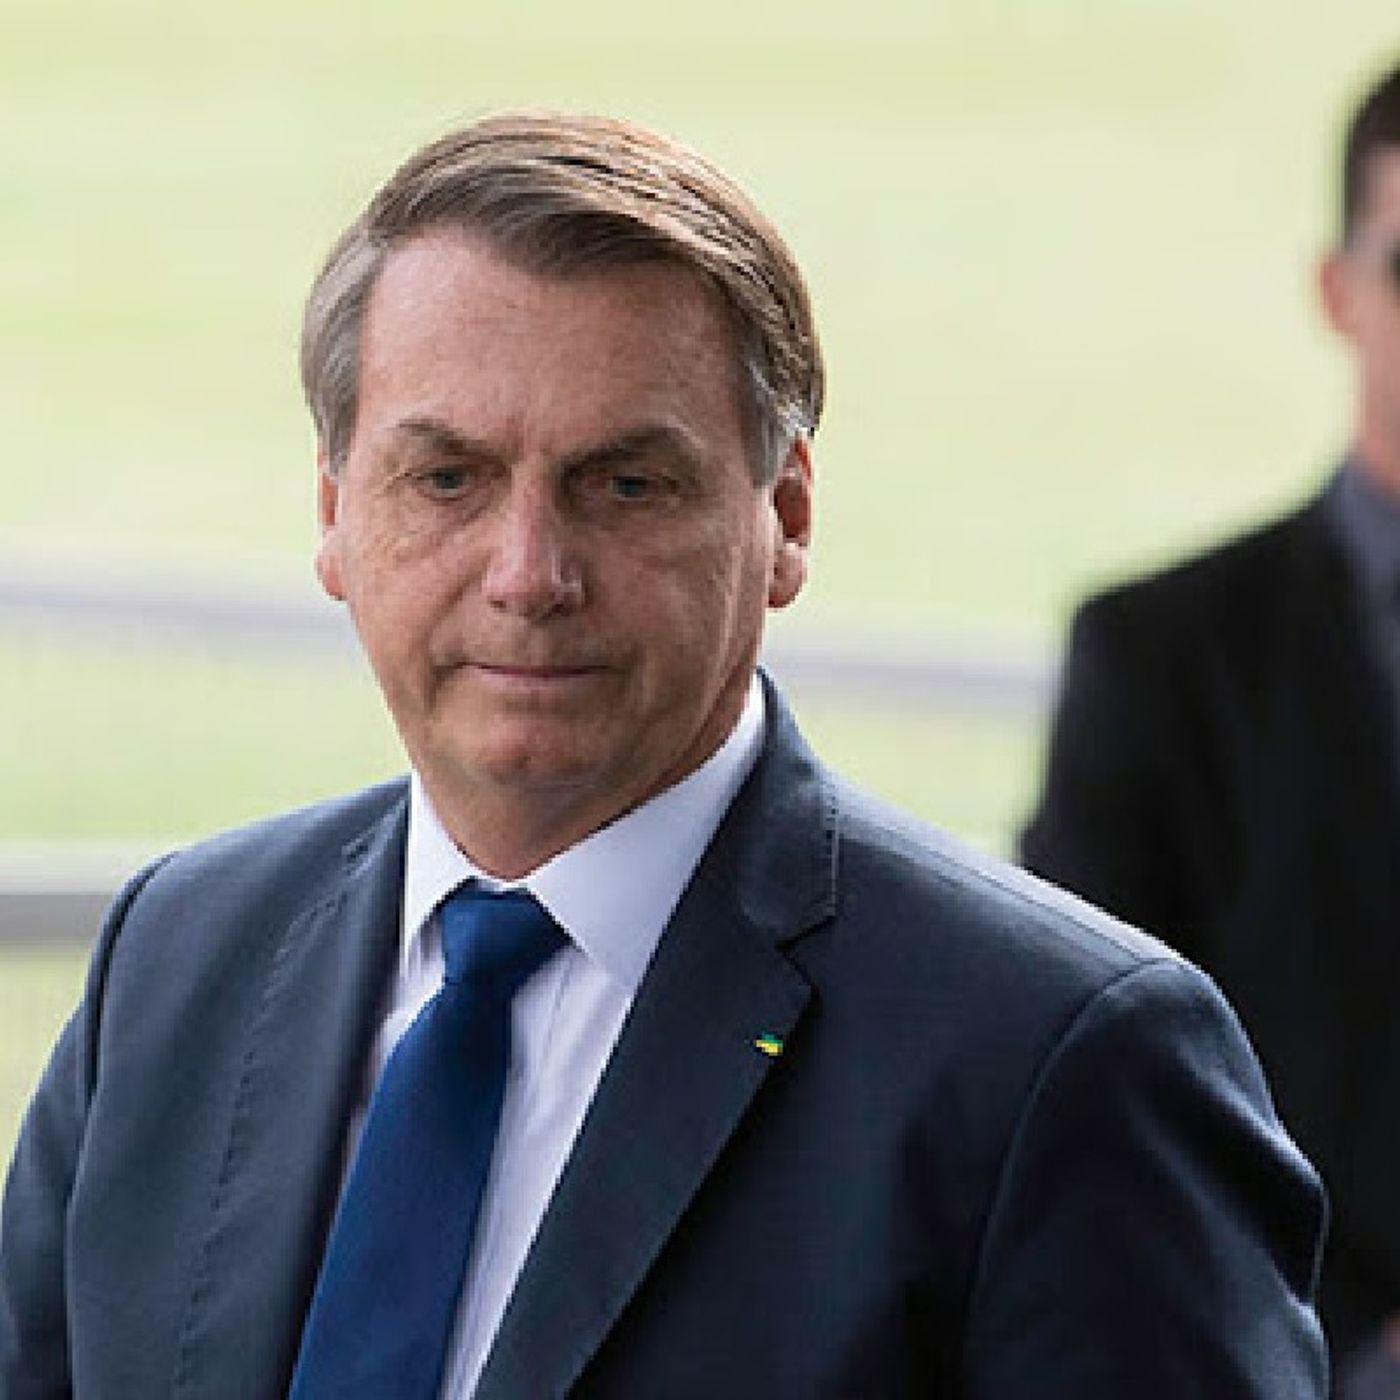 Episódio 5 - Levantamento sobre líderes mundiais aponta queda na popularidade de Bolsonaro durante pandemia